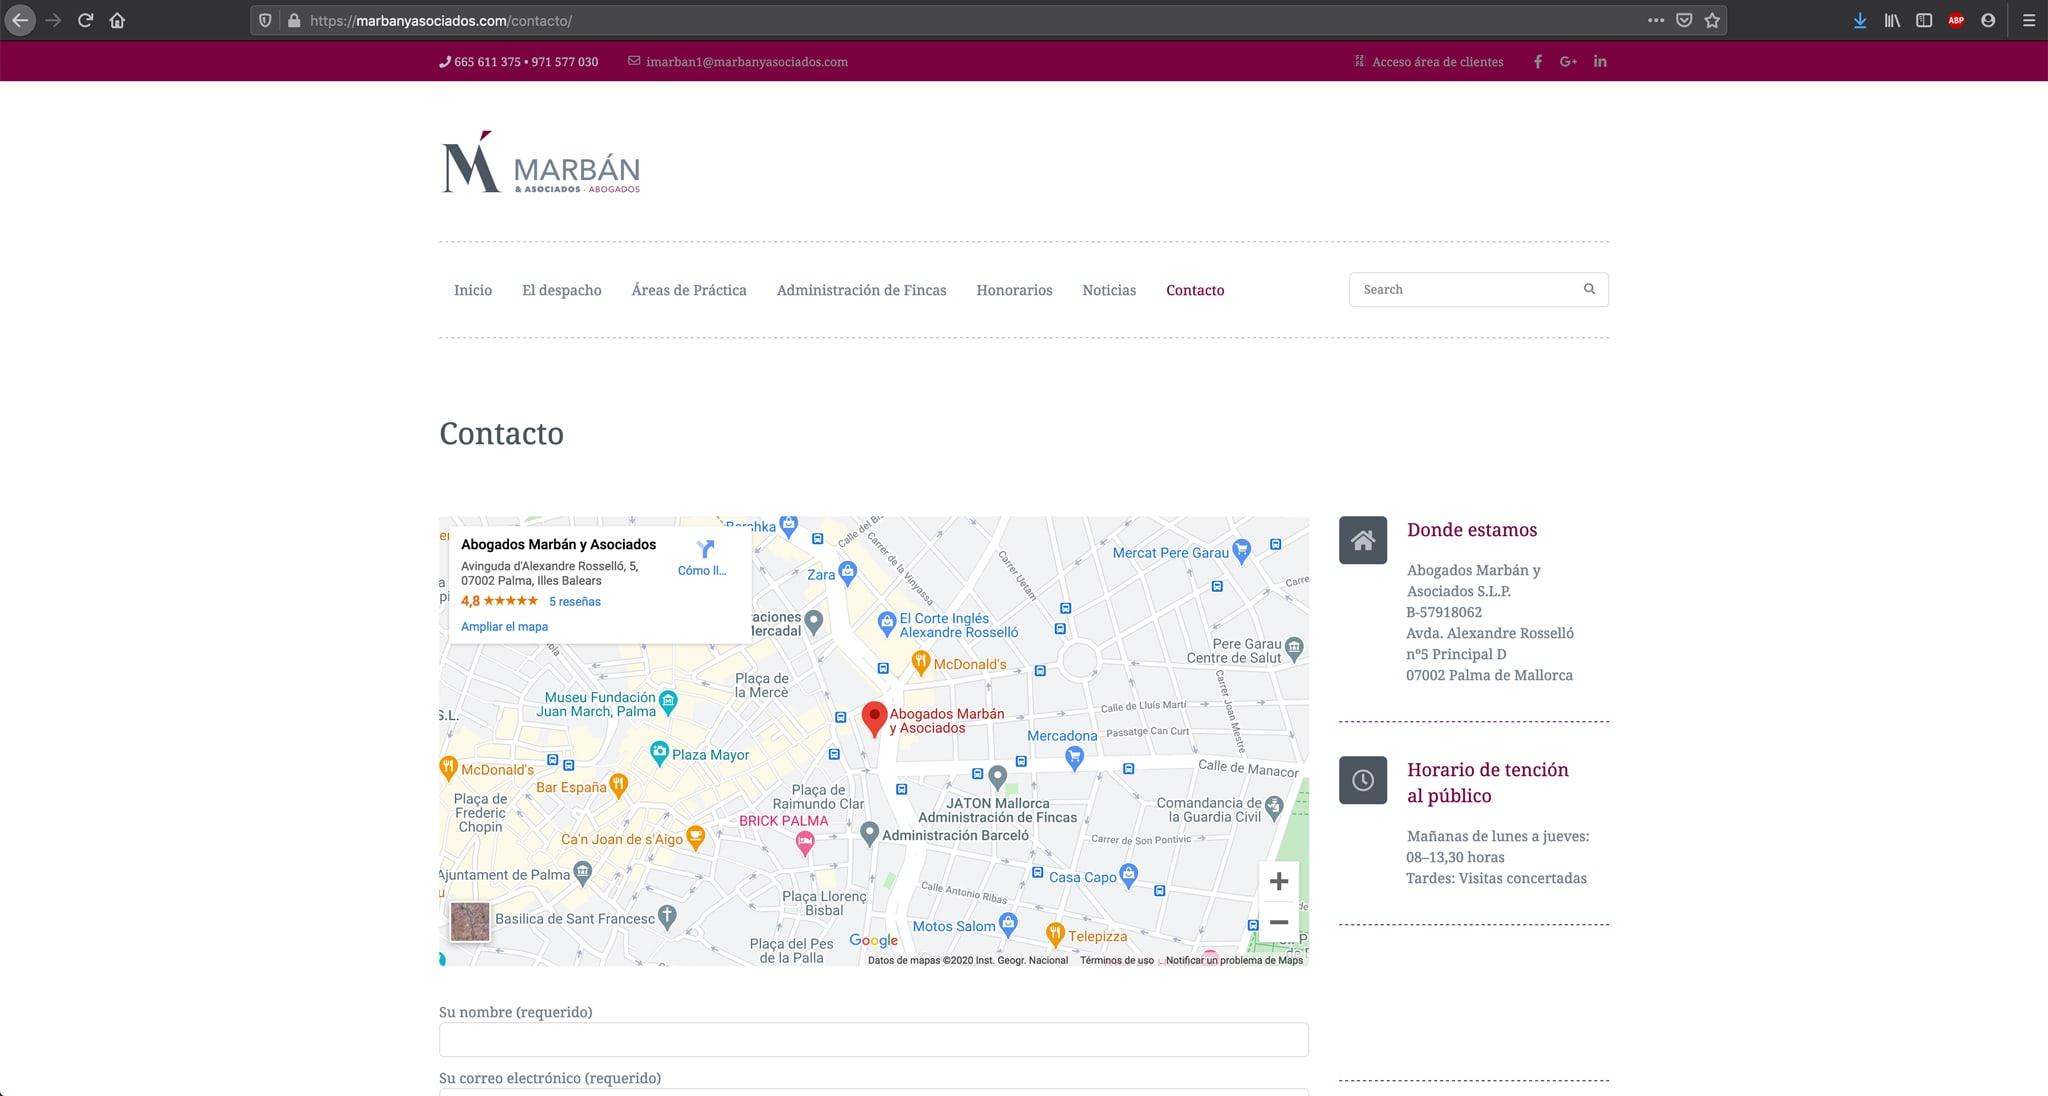 Website Marban y Asociados - Adogados - Contacto